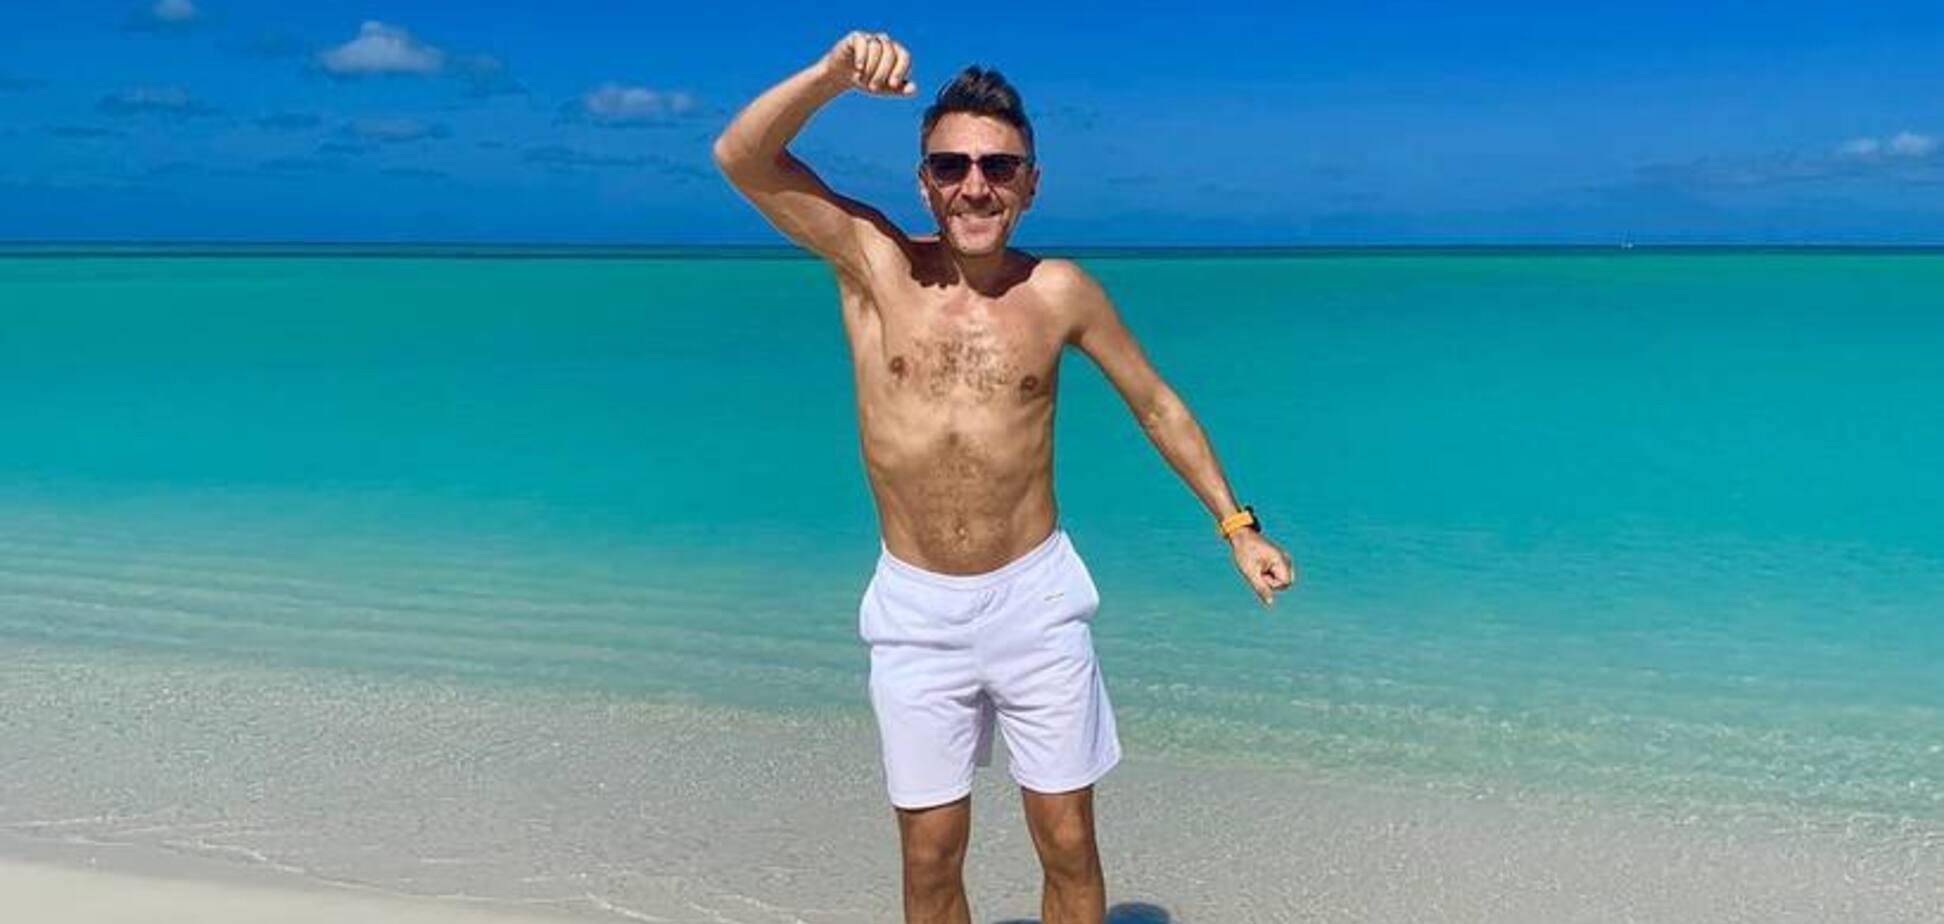 ''Хвастаться нехорошо'': Шнуров пожаловался на проблемы на роскошном отдыхе